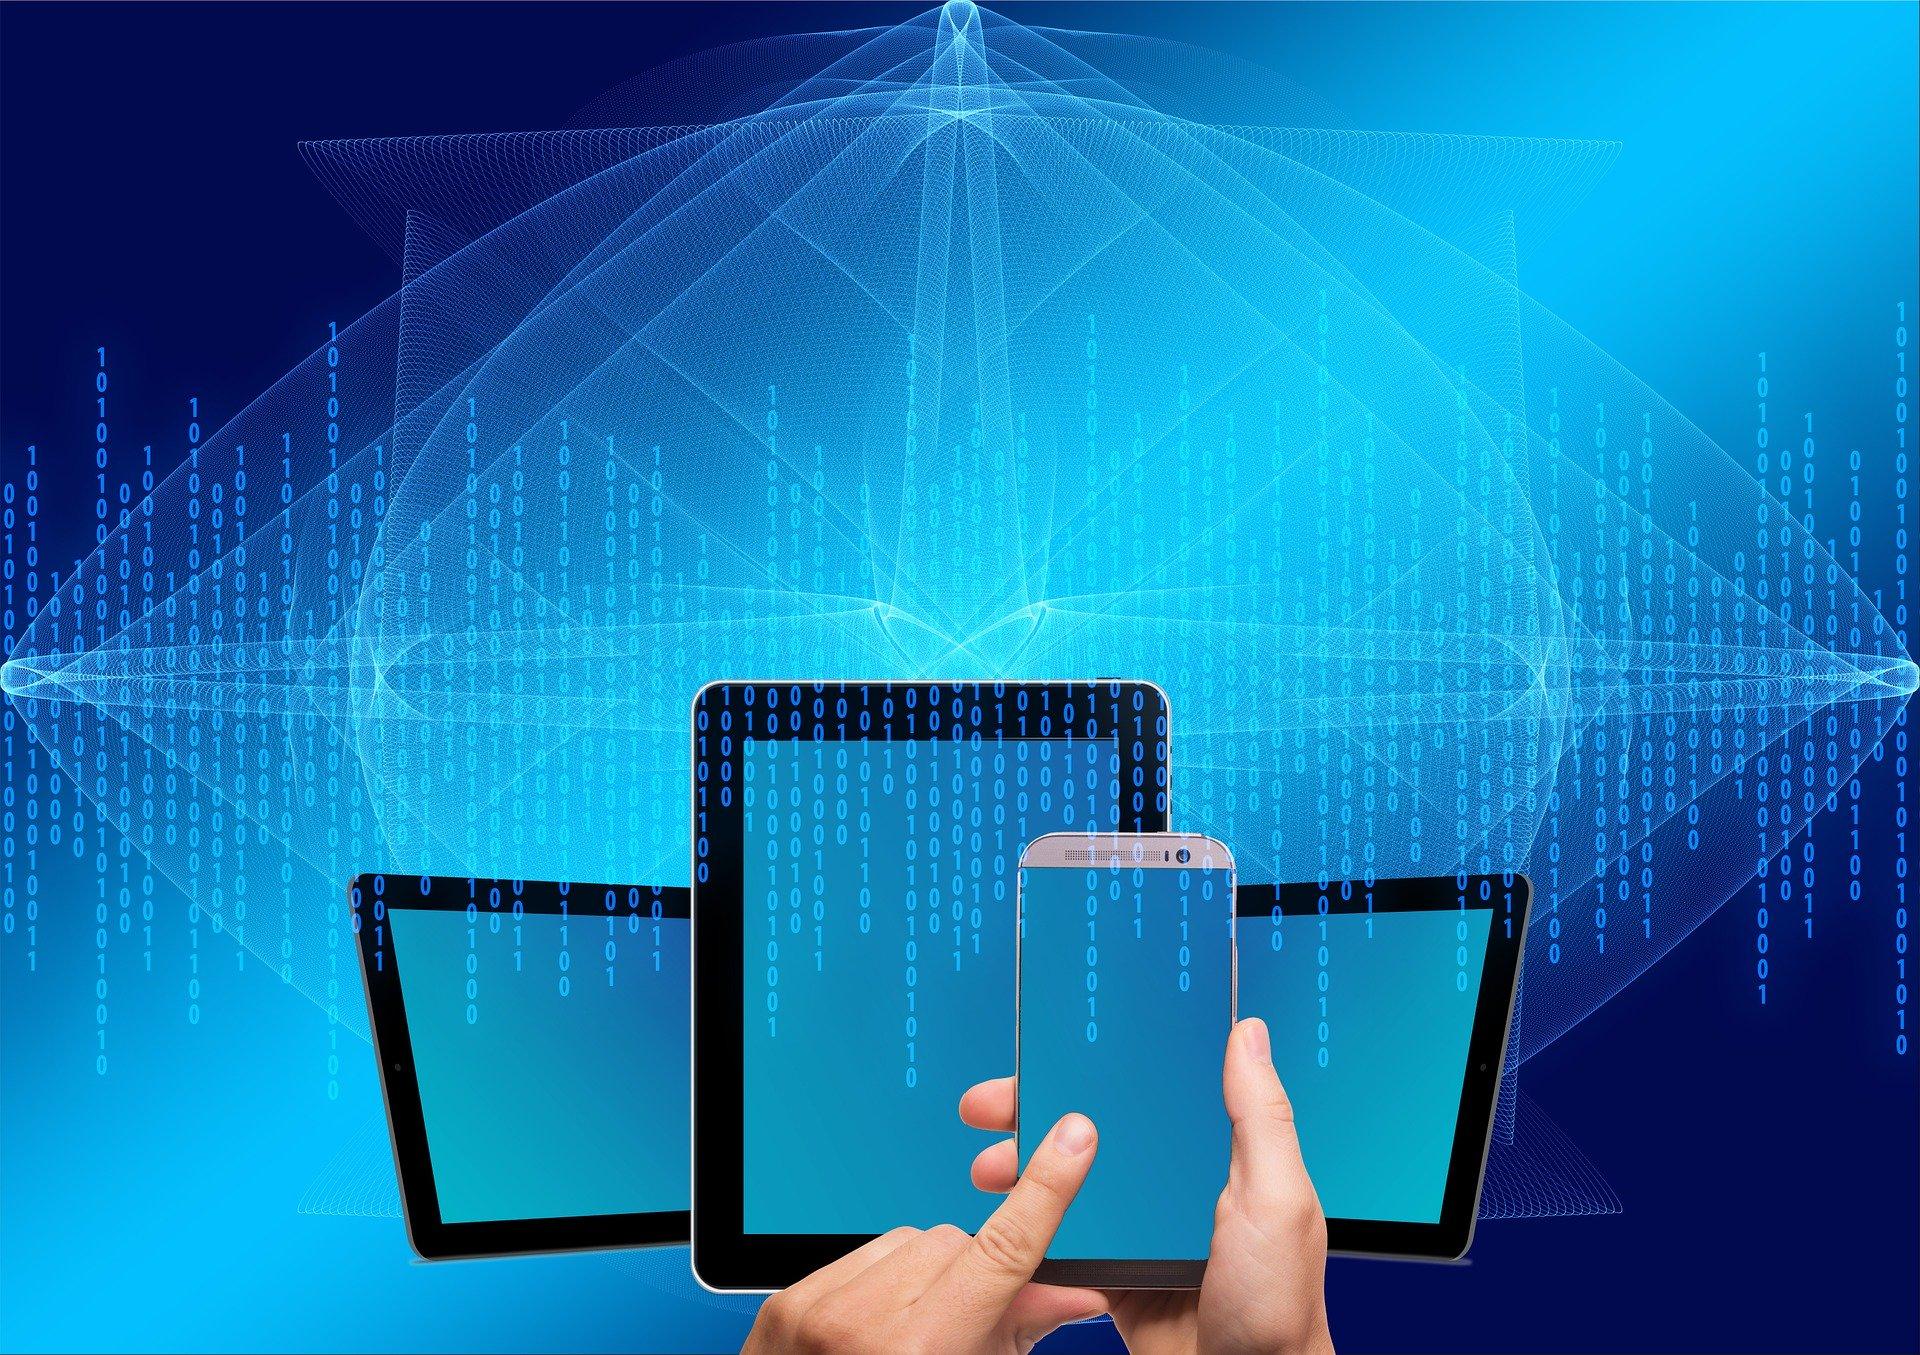 internet-avantages-dangers-usurpation-aide-protections-